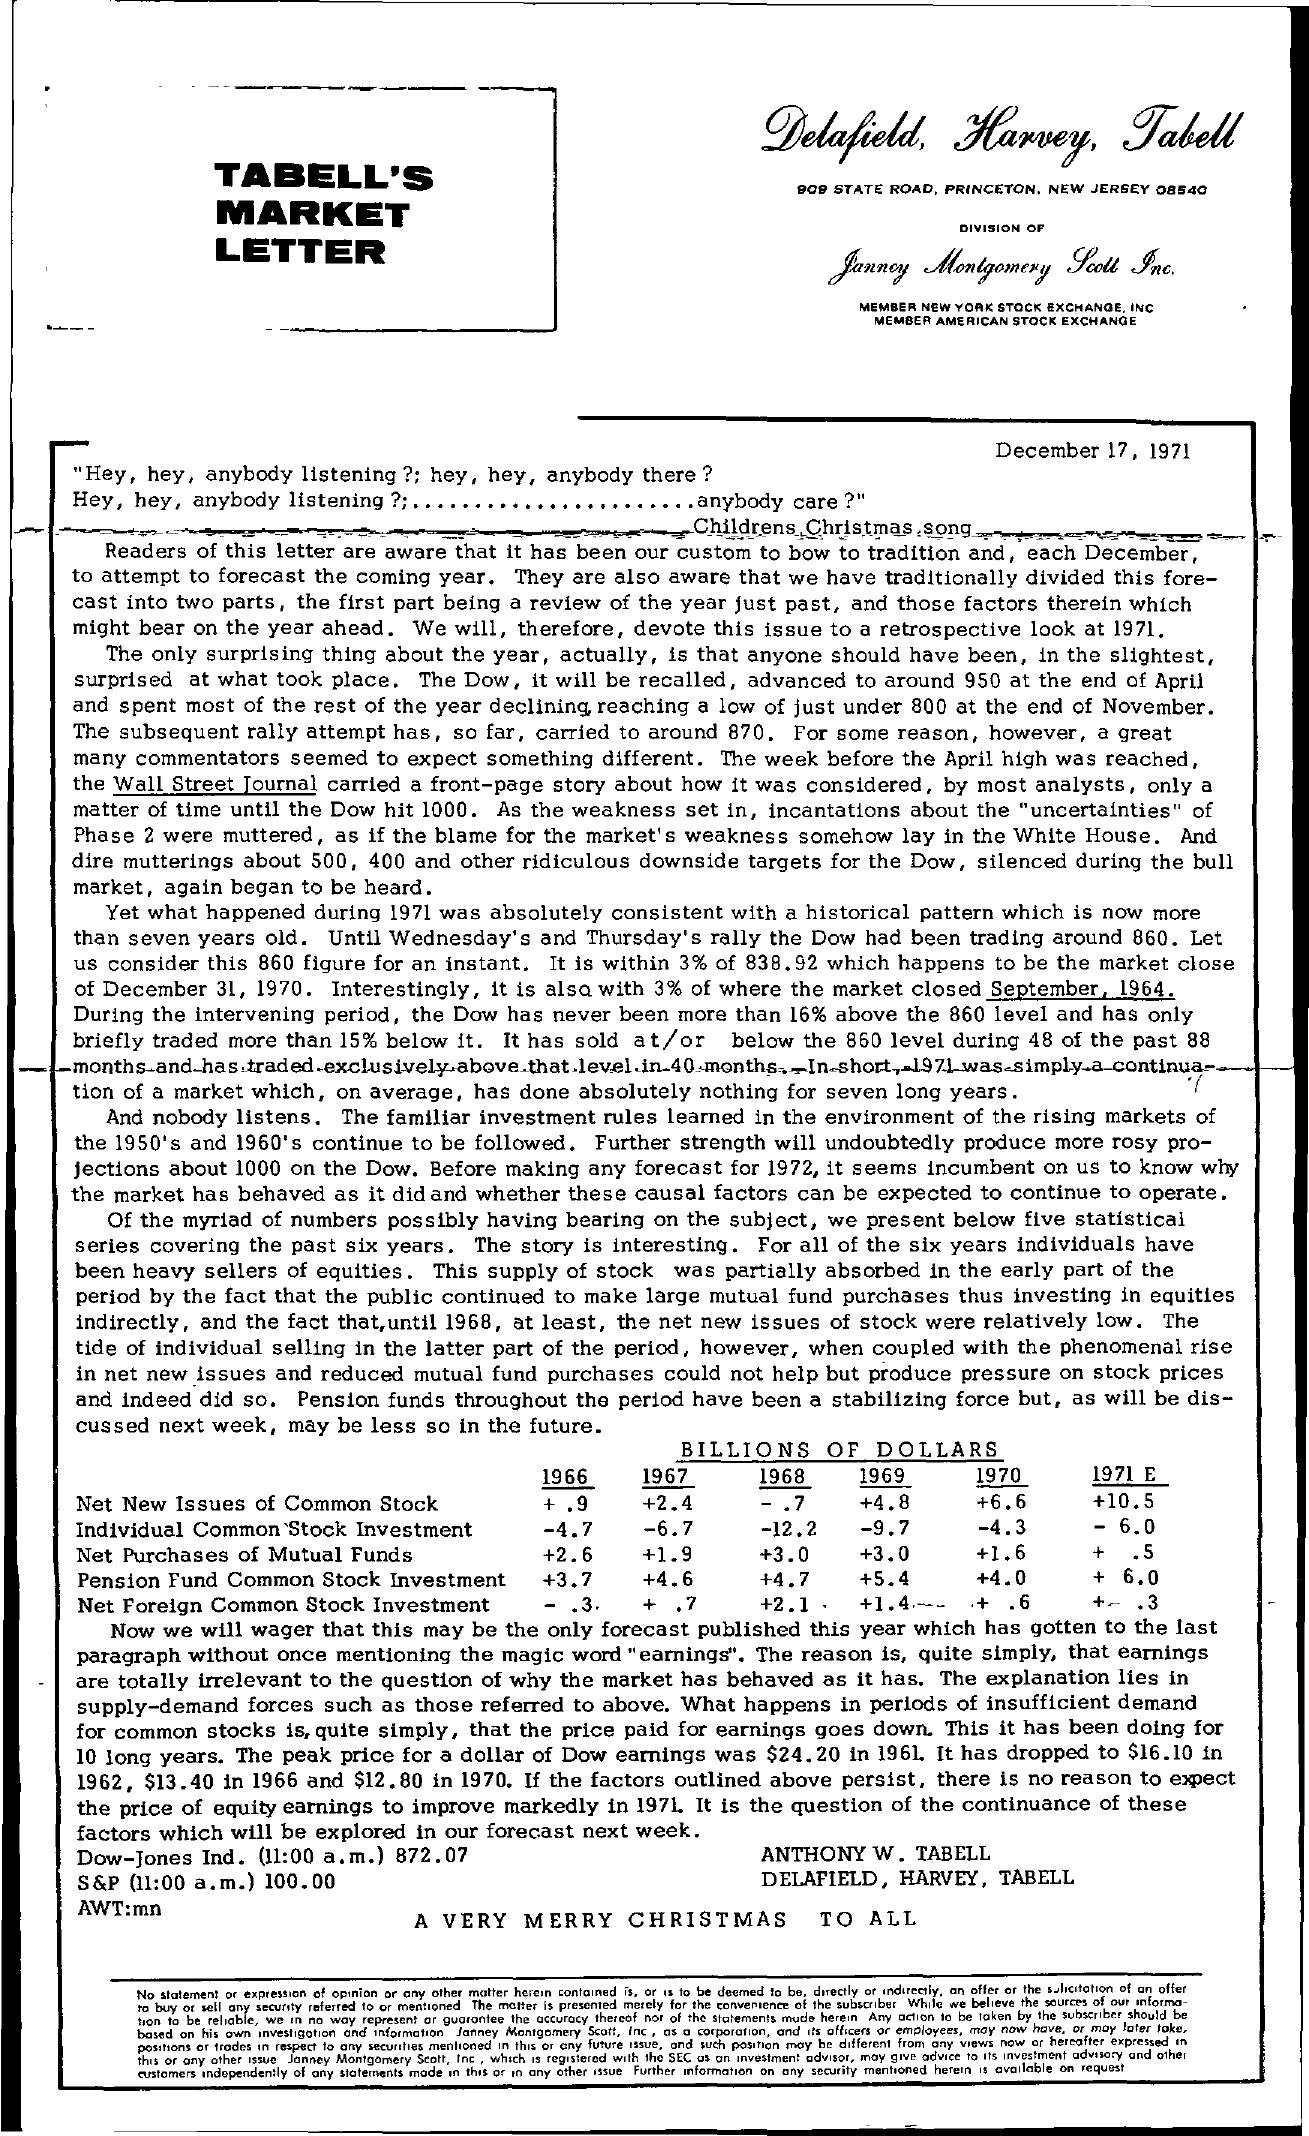 Tabell's Market Letter - December 17, 1971